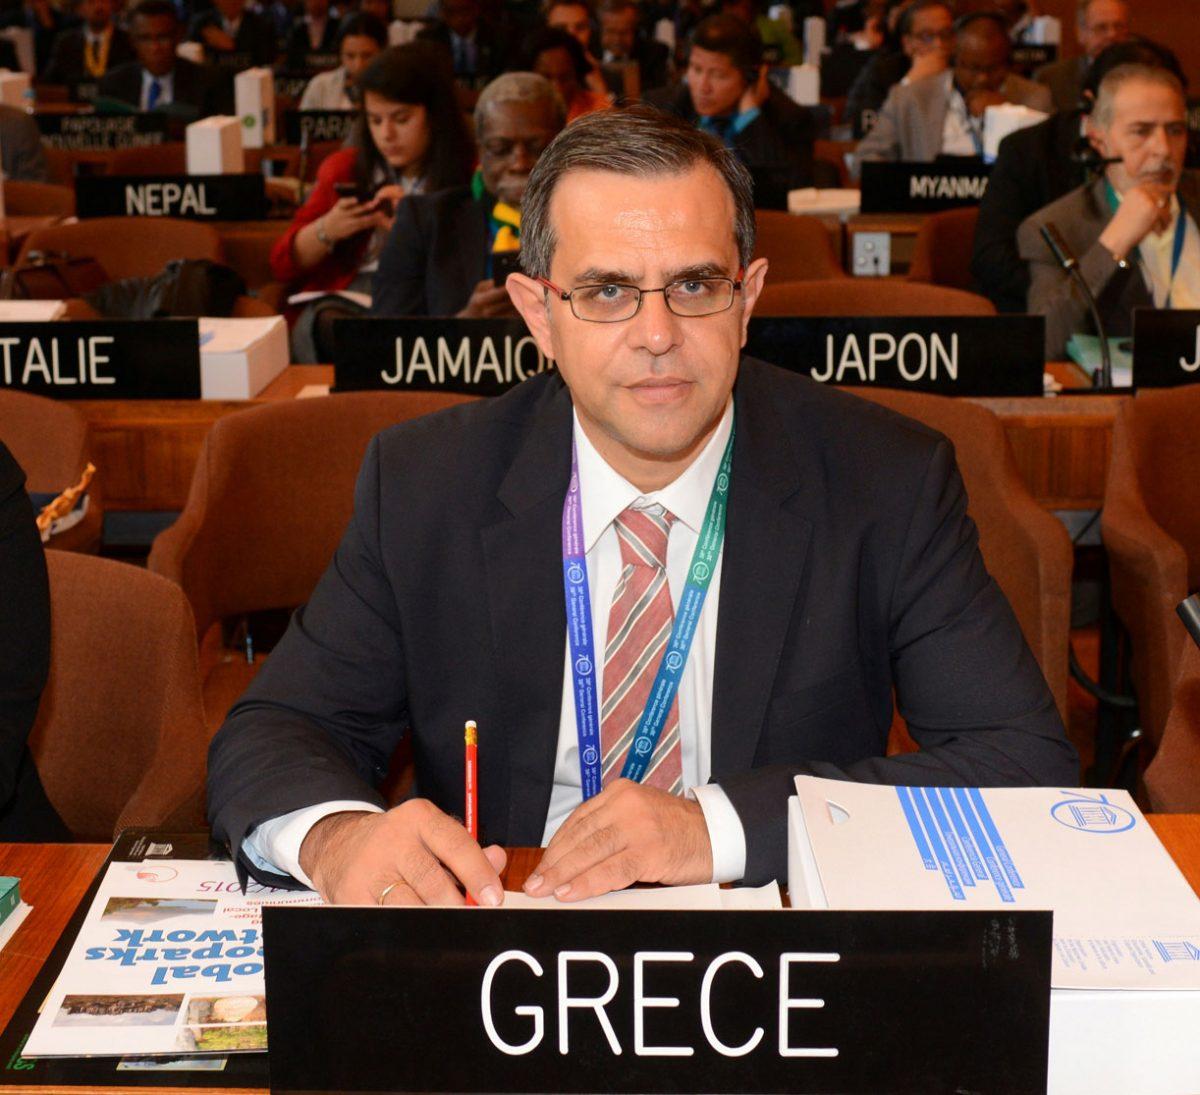 Ο Πρόεδρος της Διοικούσας Επιτροπής του Παγκόσμιου Δικτύου Γεωπάρκων UNESCO, Νίκος Ζούρος.